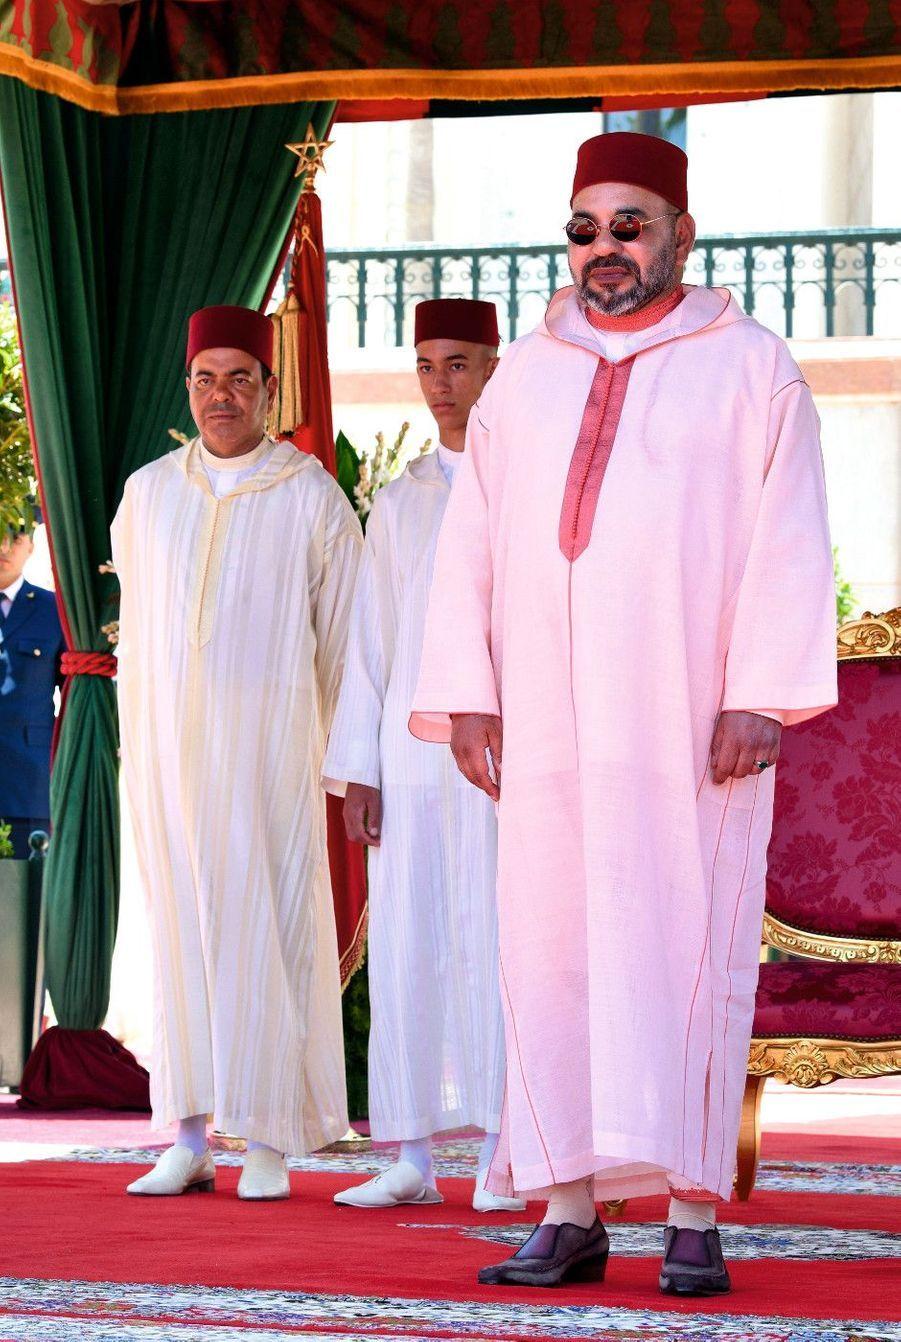 0 JUILLET 2019, le roi inaugure une réception donnée en son honneur au palais Marshan à Tanger. A sa droite, son fils Moulay El Hassan et le prince Moulay Rachid.